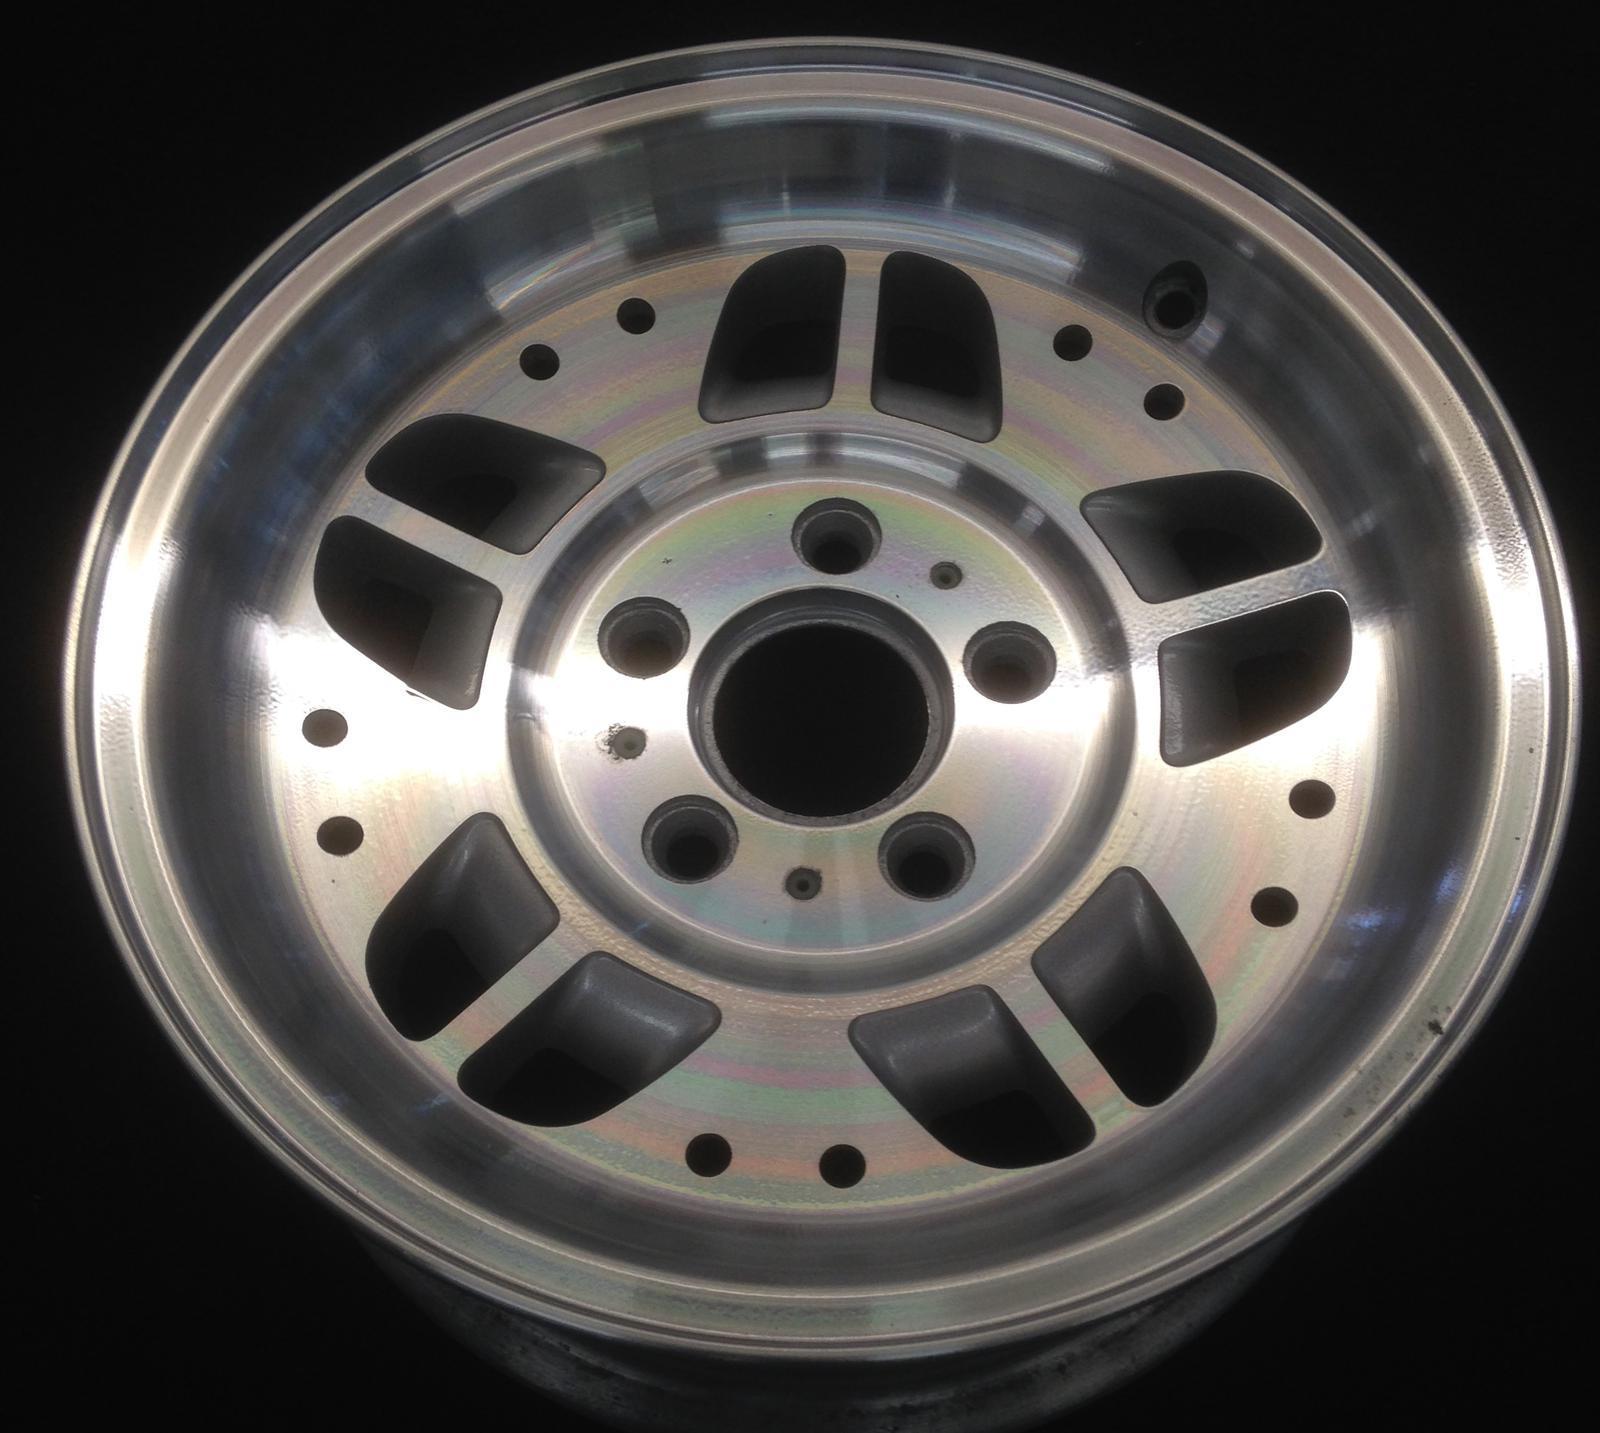 1994 OEM Factory Wheel # 3074A Ford Ranger for sale in Roseville, MI    Gratiot Wheel & Tire Supply, Inc. (586) 776-1600